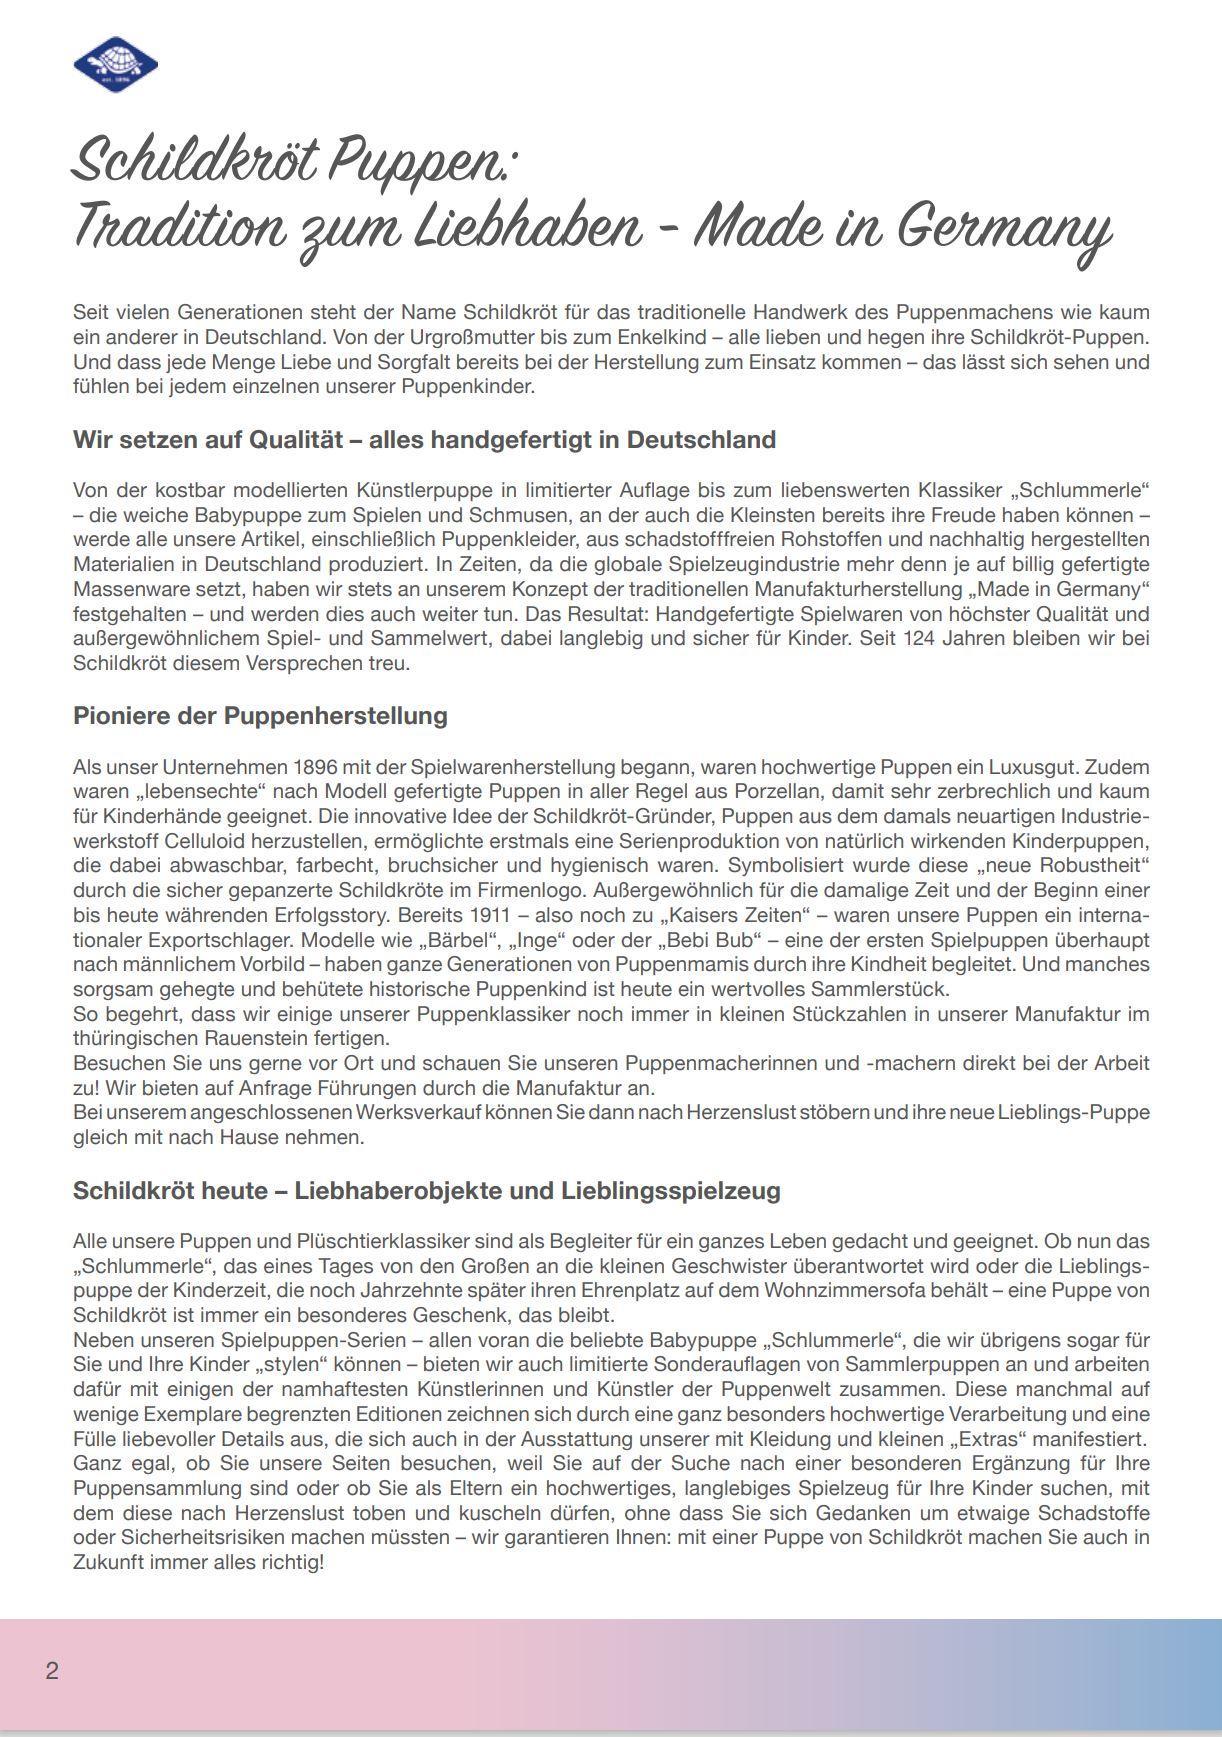 Schildkrot Catalogue 2021